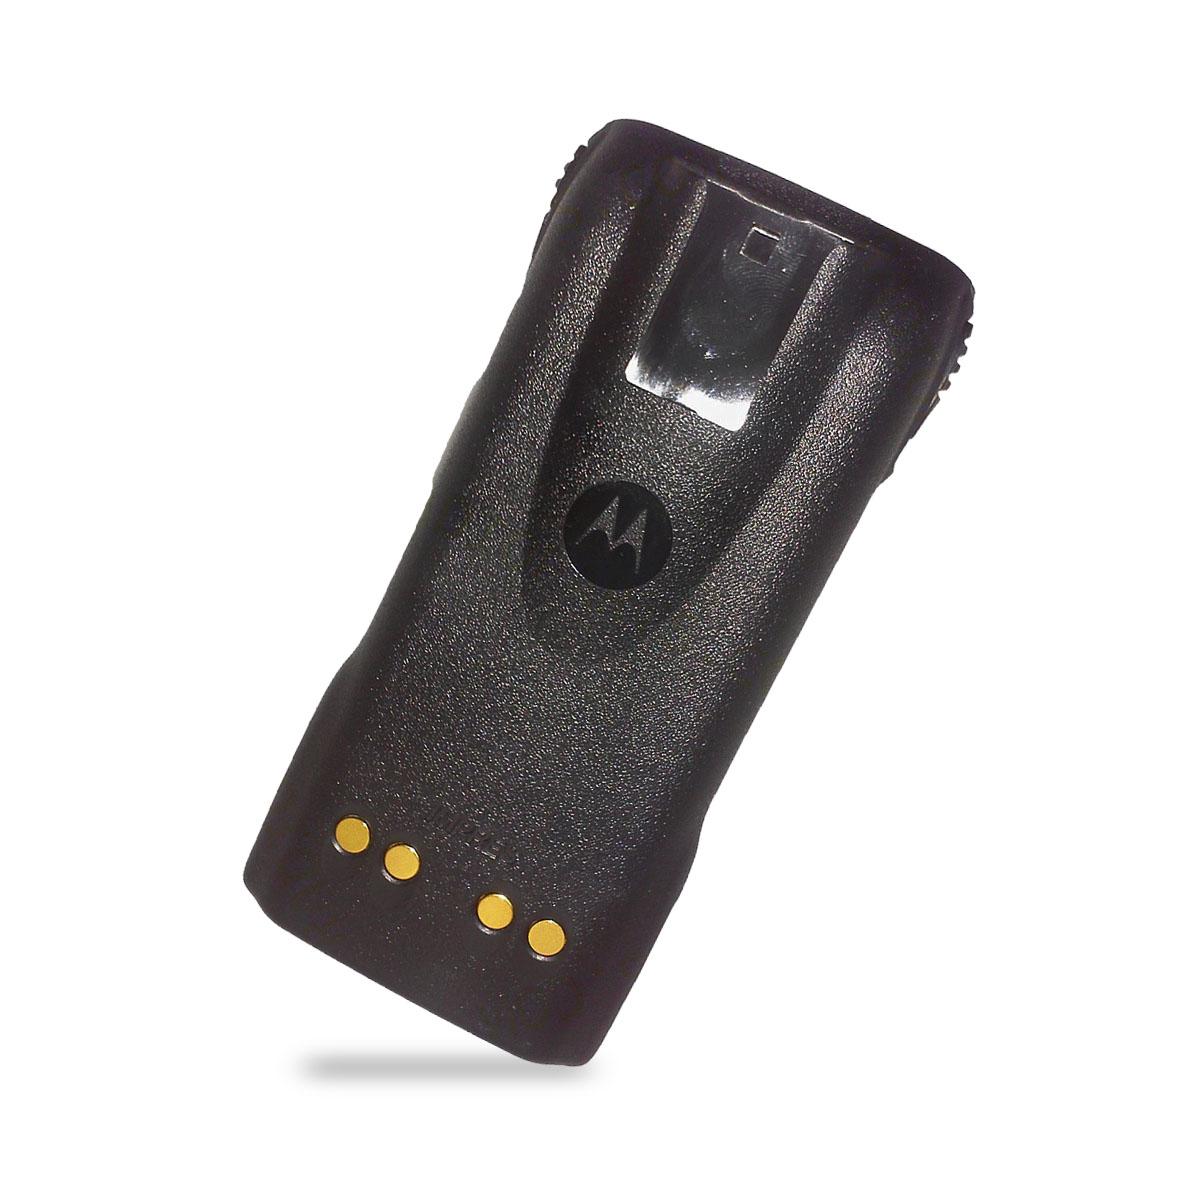 Batería Motorola NiMH 2000 mAh para radios XTS NTN9857C IMPRES